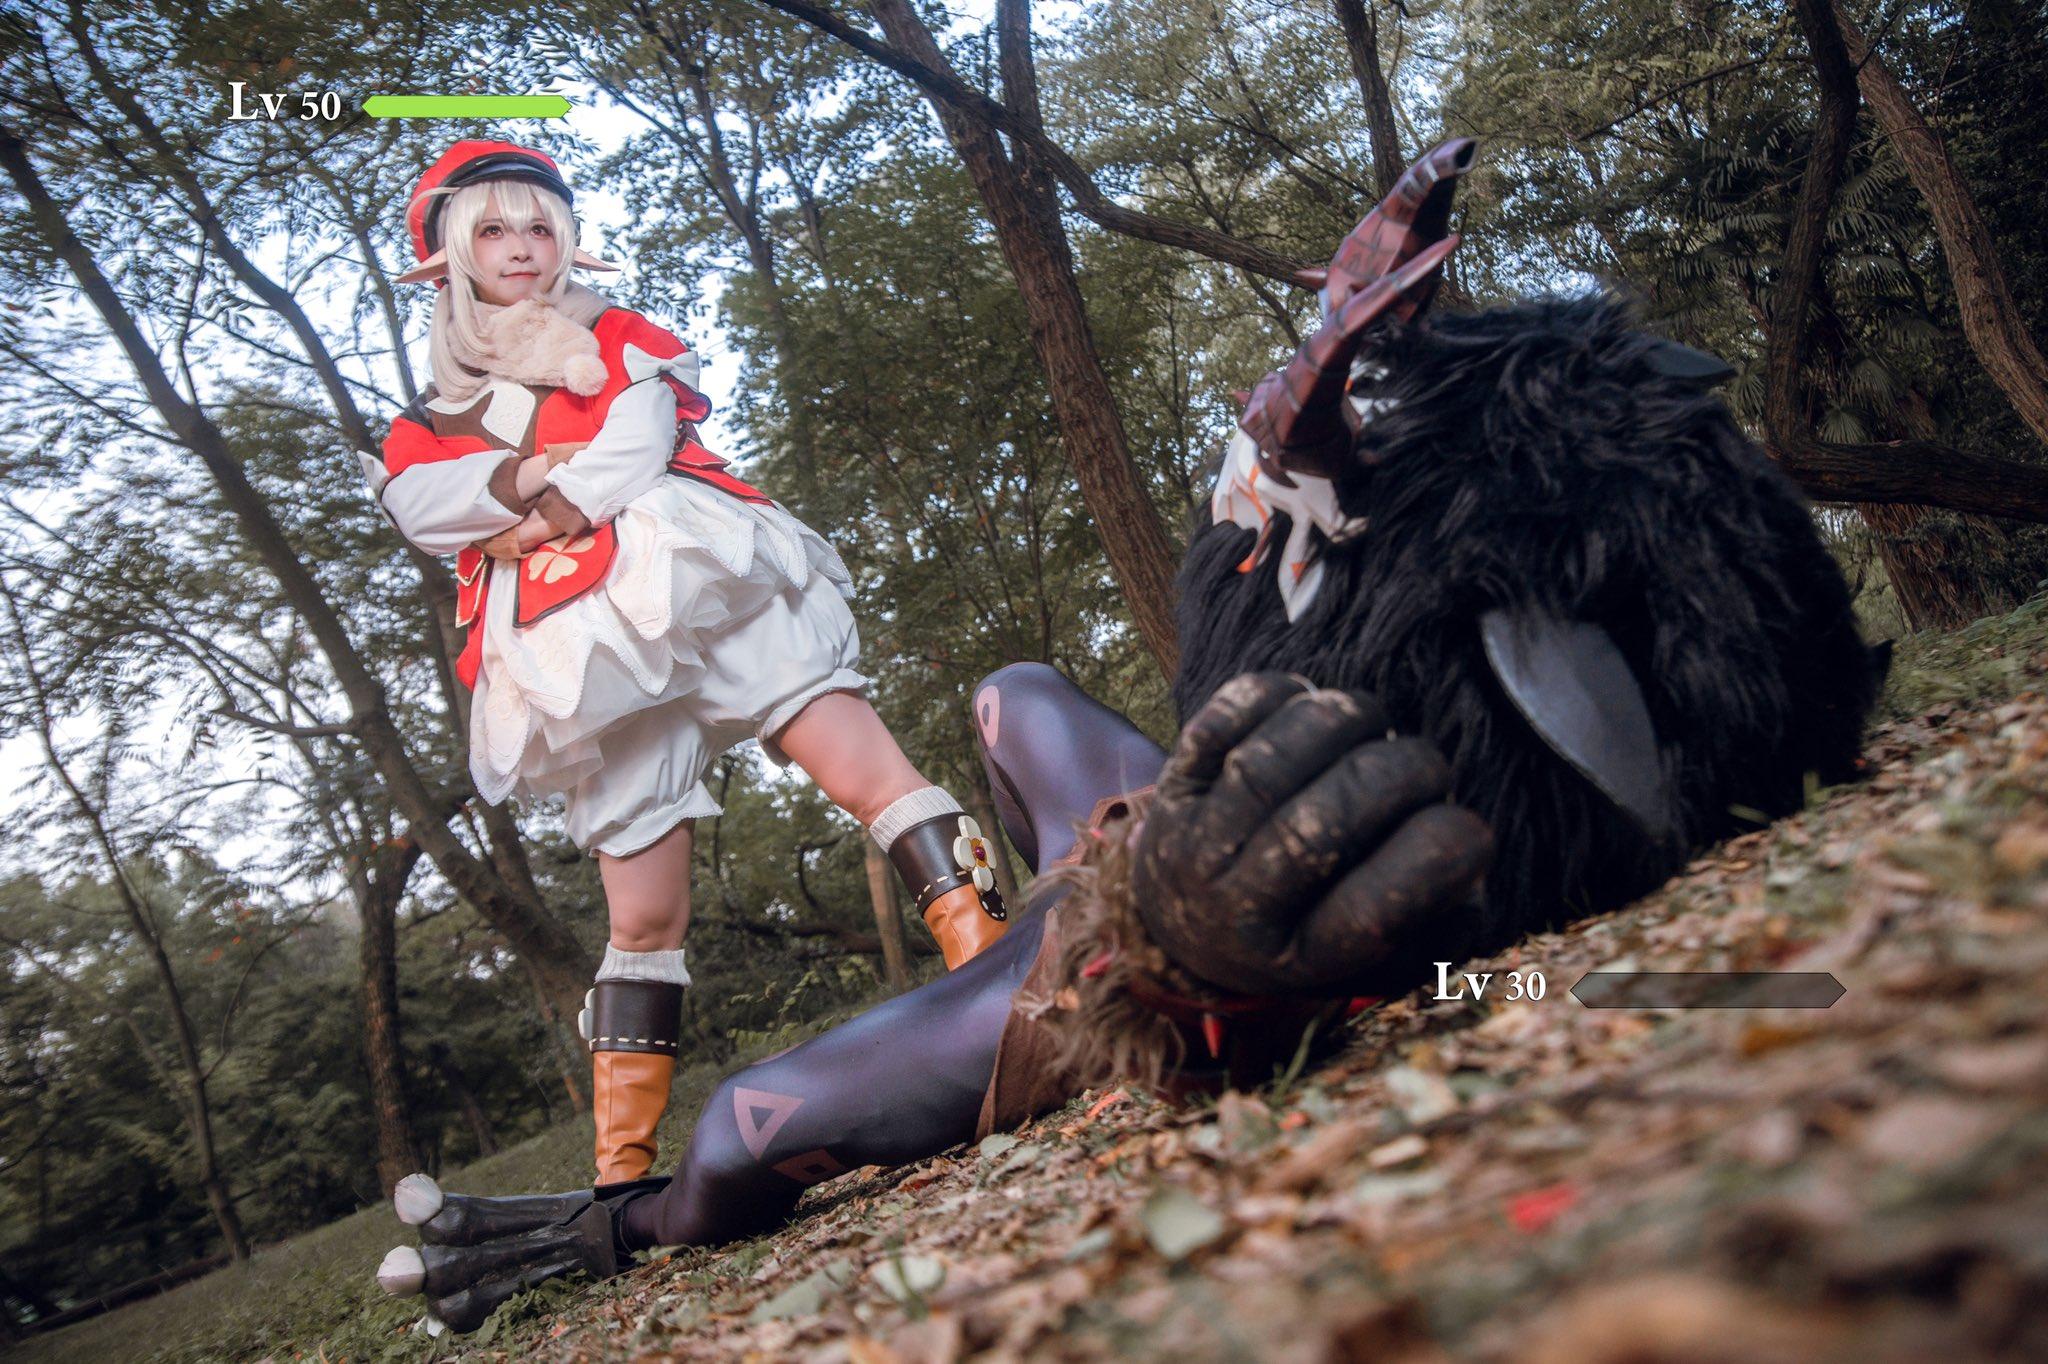 画像,クレー  コスプレklee  cosplay(2/2)#Genshin#klee #原神 https://t.co/F7Qk8BTqBy…